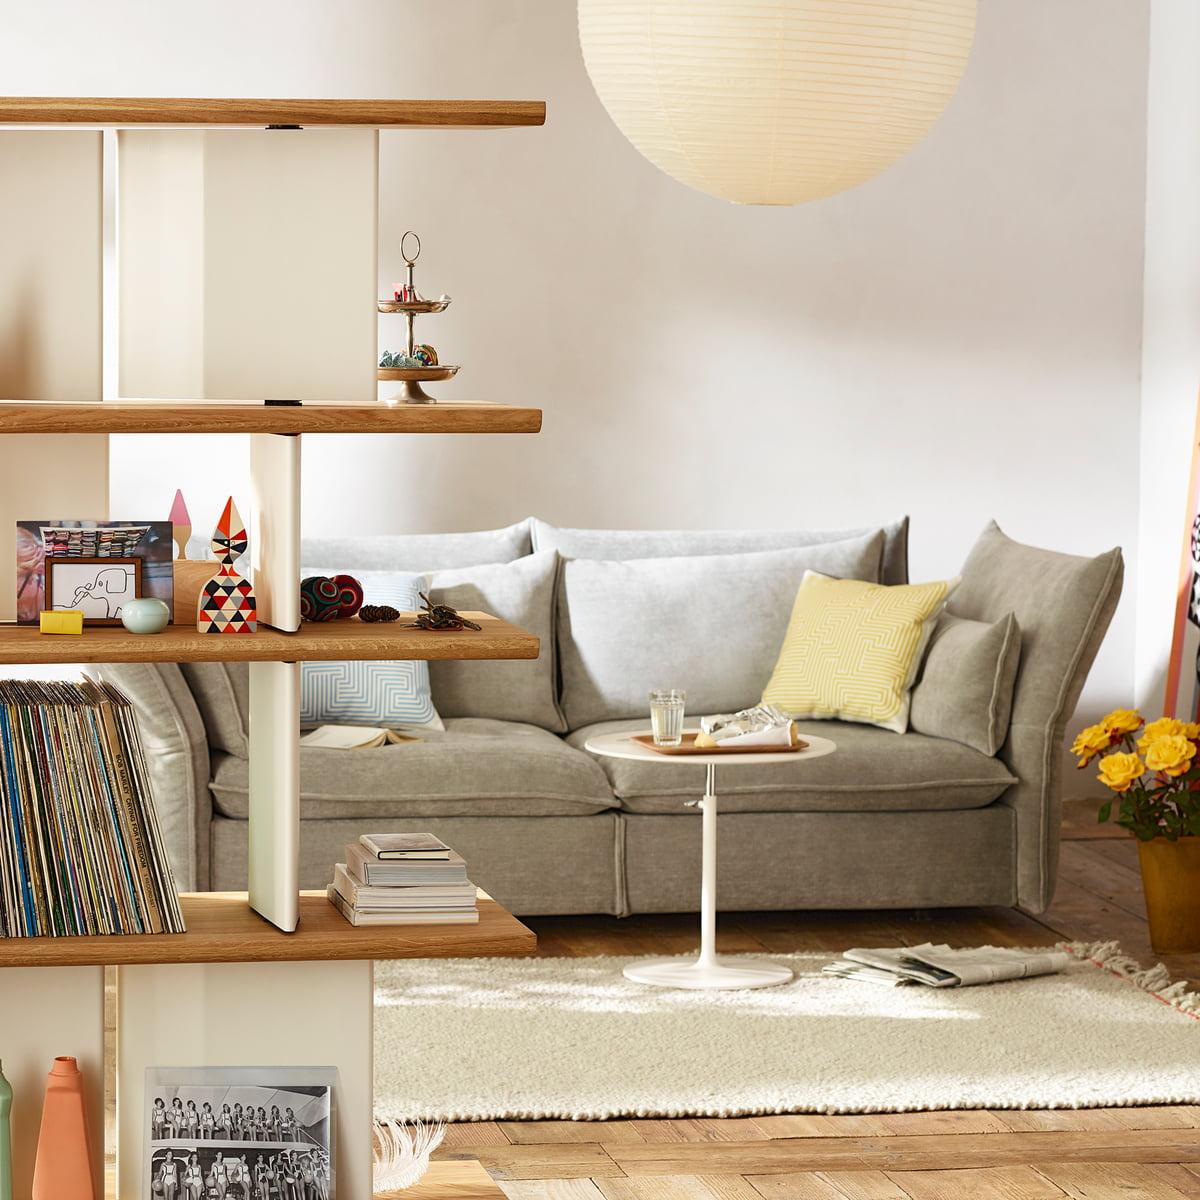 Kleine Räume Optimal Einrichten Raumteiler Für Die: Mariposa Sofa Von Vitra